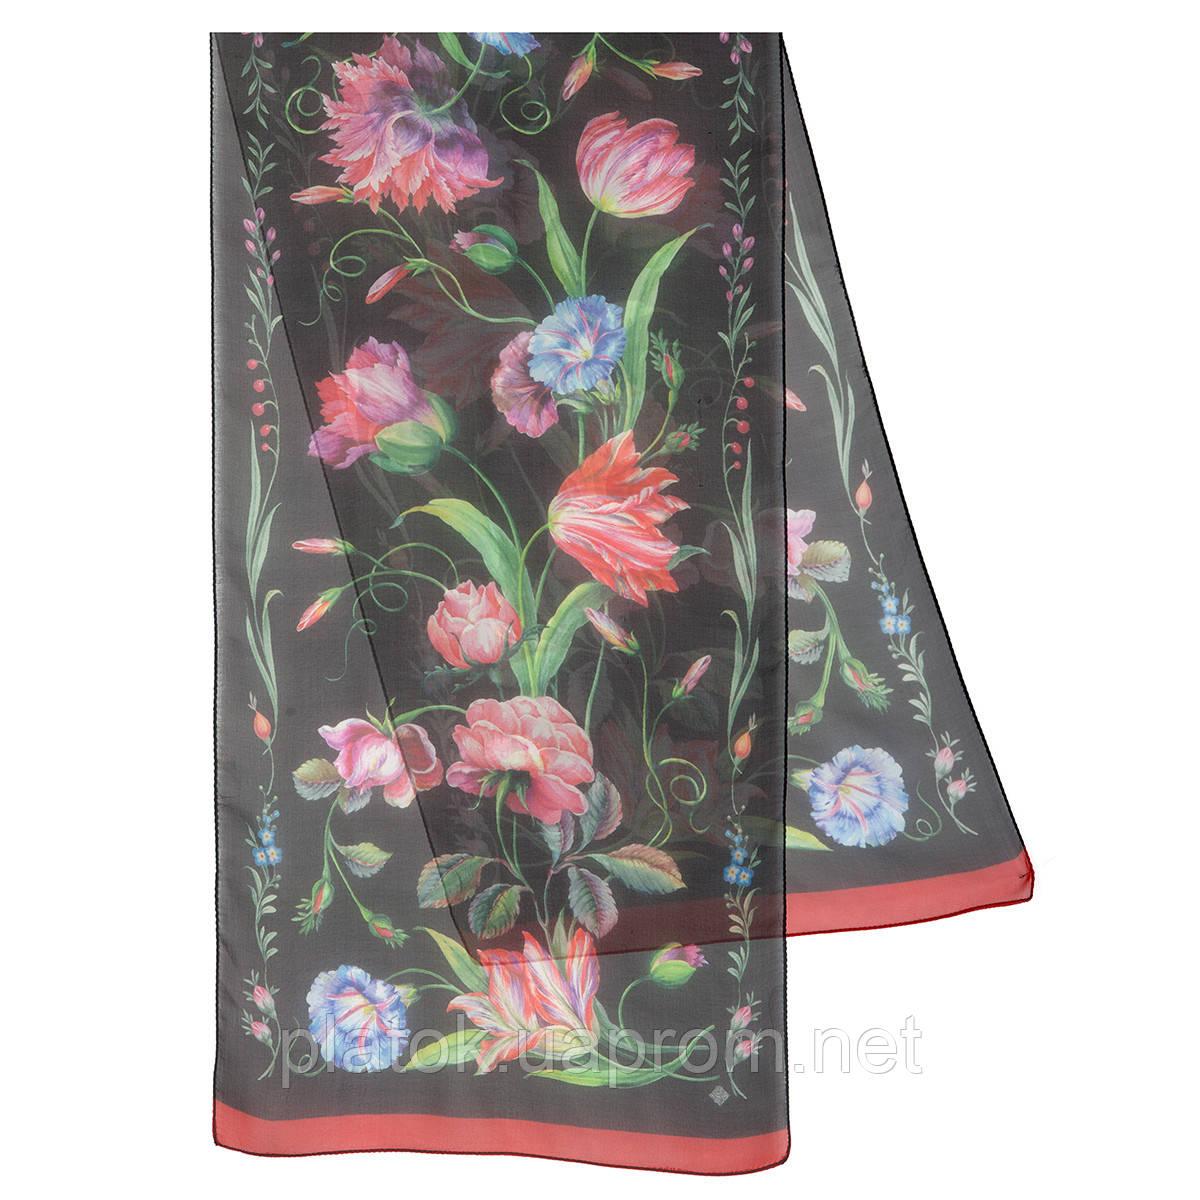 Цветы любви 10011-18, павлопосадский шарф (креп-жоржет) шелковый с подрубкой